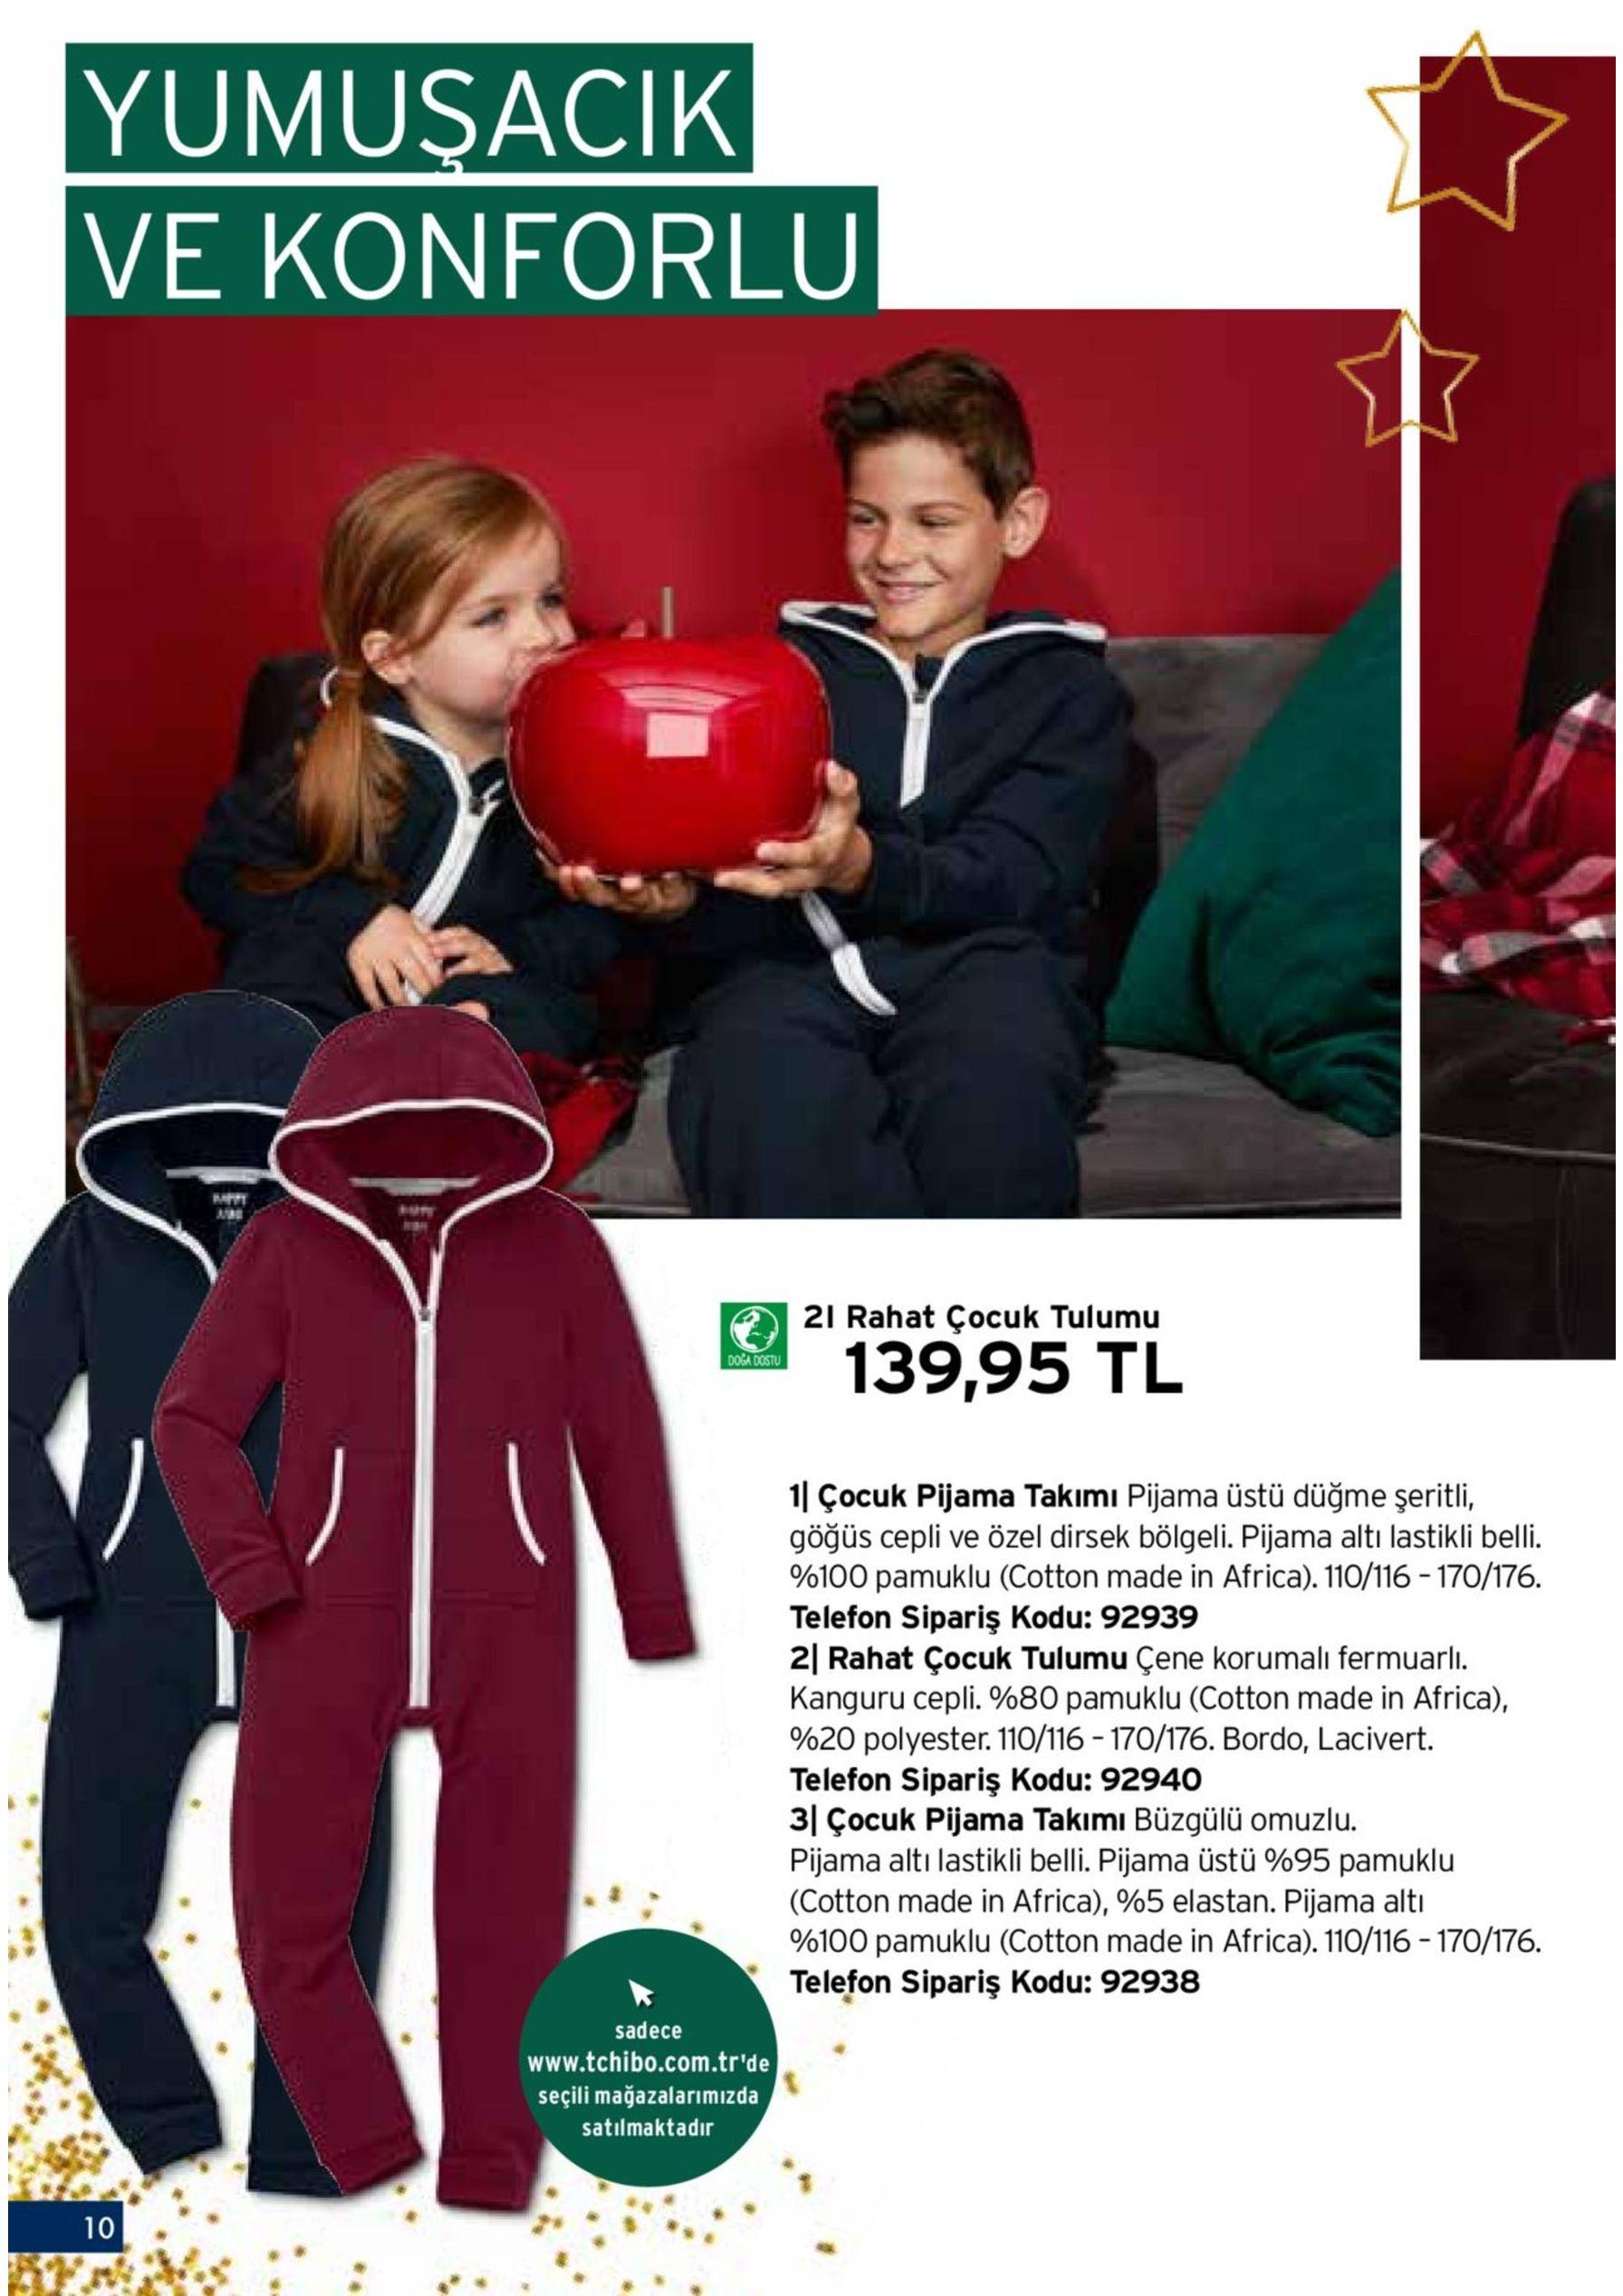 1i flanel sabahlık zarafetin 4i dinlenme koltuğu 149,95 tl 2.499 tl rahatlikla www.tchib'deom.tr satılmaktadır buluşmasi ispanya ve italya'da yılbaşı gecesi kırmızı iç çamaşırı giyilir. yeni yılda şans getirdiğine inanılır. mutlu yıllar! 2i dantelli külot 39,95 tl her şey dahil: mobilyalarımız montaj malzemesi ve kurulum kılavuzu ile birlikte gönderilmektedir. 3i dekoratif mermer plakalı sehpa 899,95 tl 1| flanel sabahlık şal yakalı, bağlama kemerli ve 2 adet cepli. %100 pamuklu (cotton made in africa). s 36/38 – xl 48/50. telefon sipariş kodu: 92682 2| dantelli külot %84 poliamit, %1. dantel %81 poliamit, %19 elastan (lycr)a. sadece xs 32/34 – l 44/46. telefon sipariş kodu: 87652 wwwsatılmaktadırr 3| dekoratif mermer plakalı sehpa mat parlak, toz kaplama metal gövdeli. sehpa plakası sunta. 4| dinlenme koltuğu mat ışıltılı kadife kılıflı. yaylı dolgu sayesinde yüksek oturma ve yatma konforu. kılıf kumaşı minimum 85.000 sürtünme hareketine dayanıklı. tornalanmış masif kayın ahşabı ayaklı. kılıf ve dolgu %100 polyester. 186x85,5x83 cm. yatma alanı 160x60 cm. telefon sipariş kodu: 91377 8 9